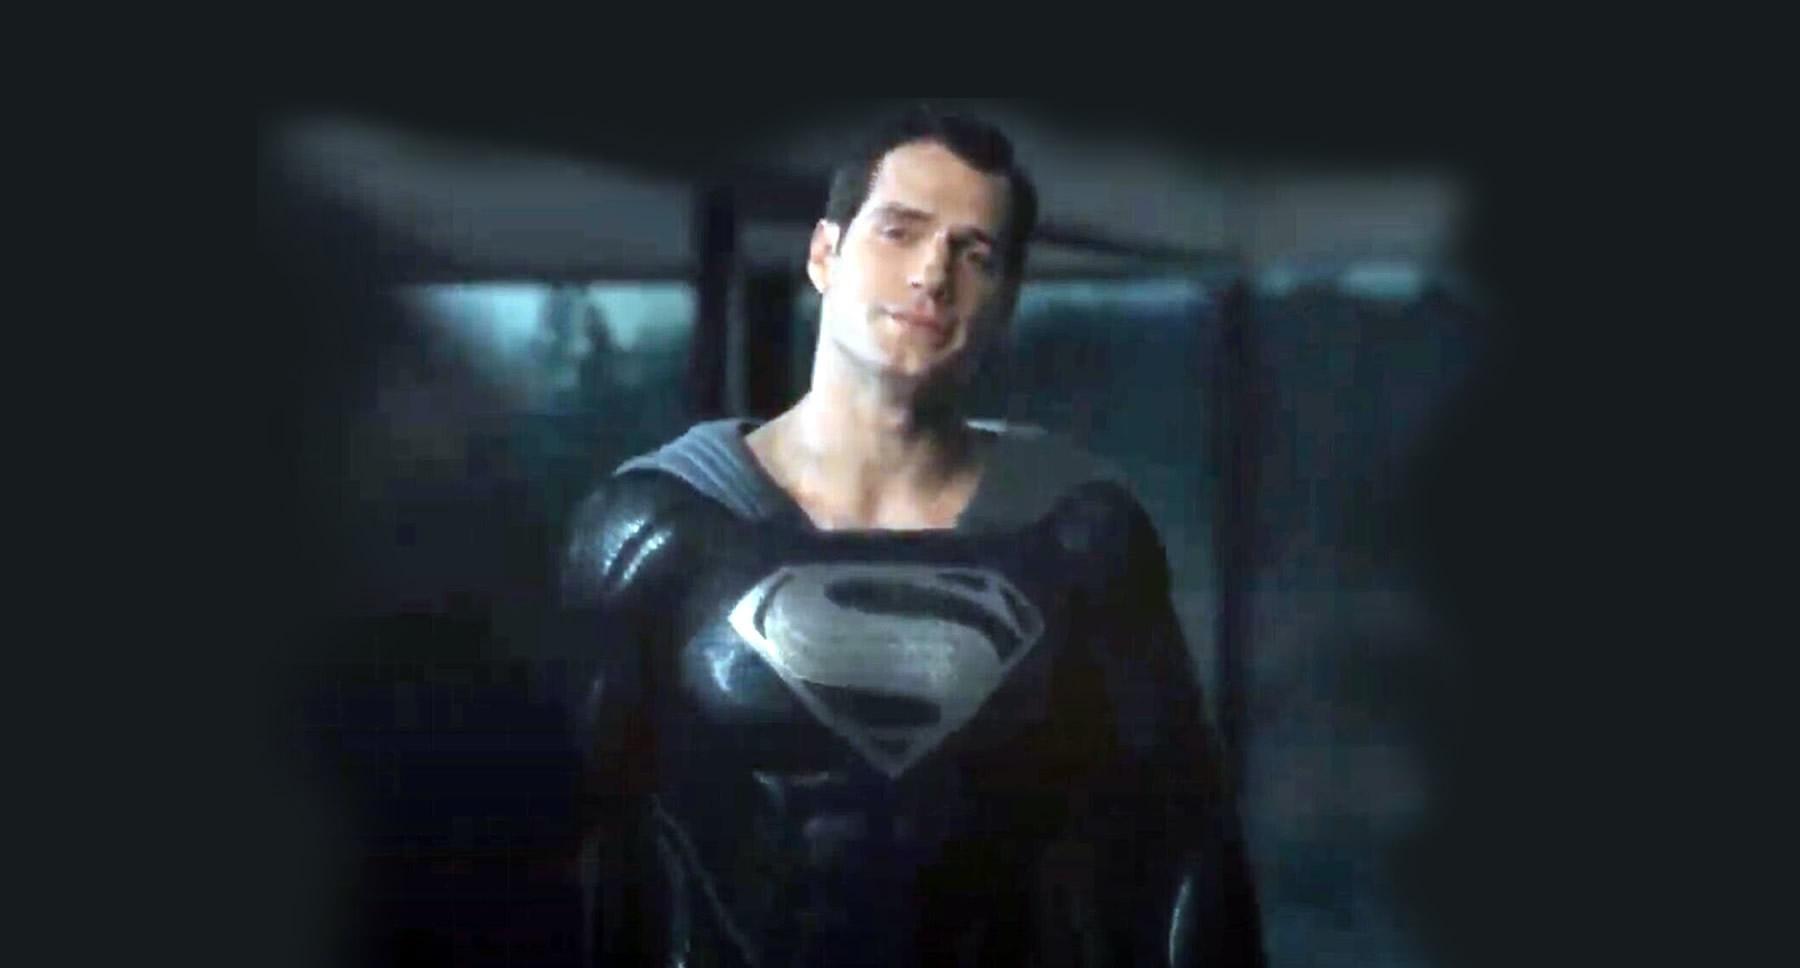 Zack Snyder mostra cena do Superman com uniforme preto em Liga da Justiça